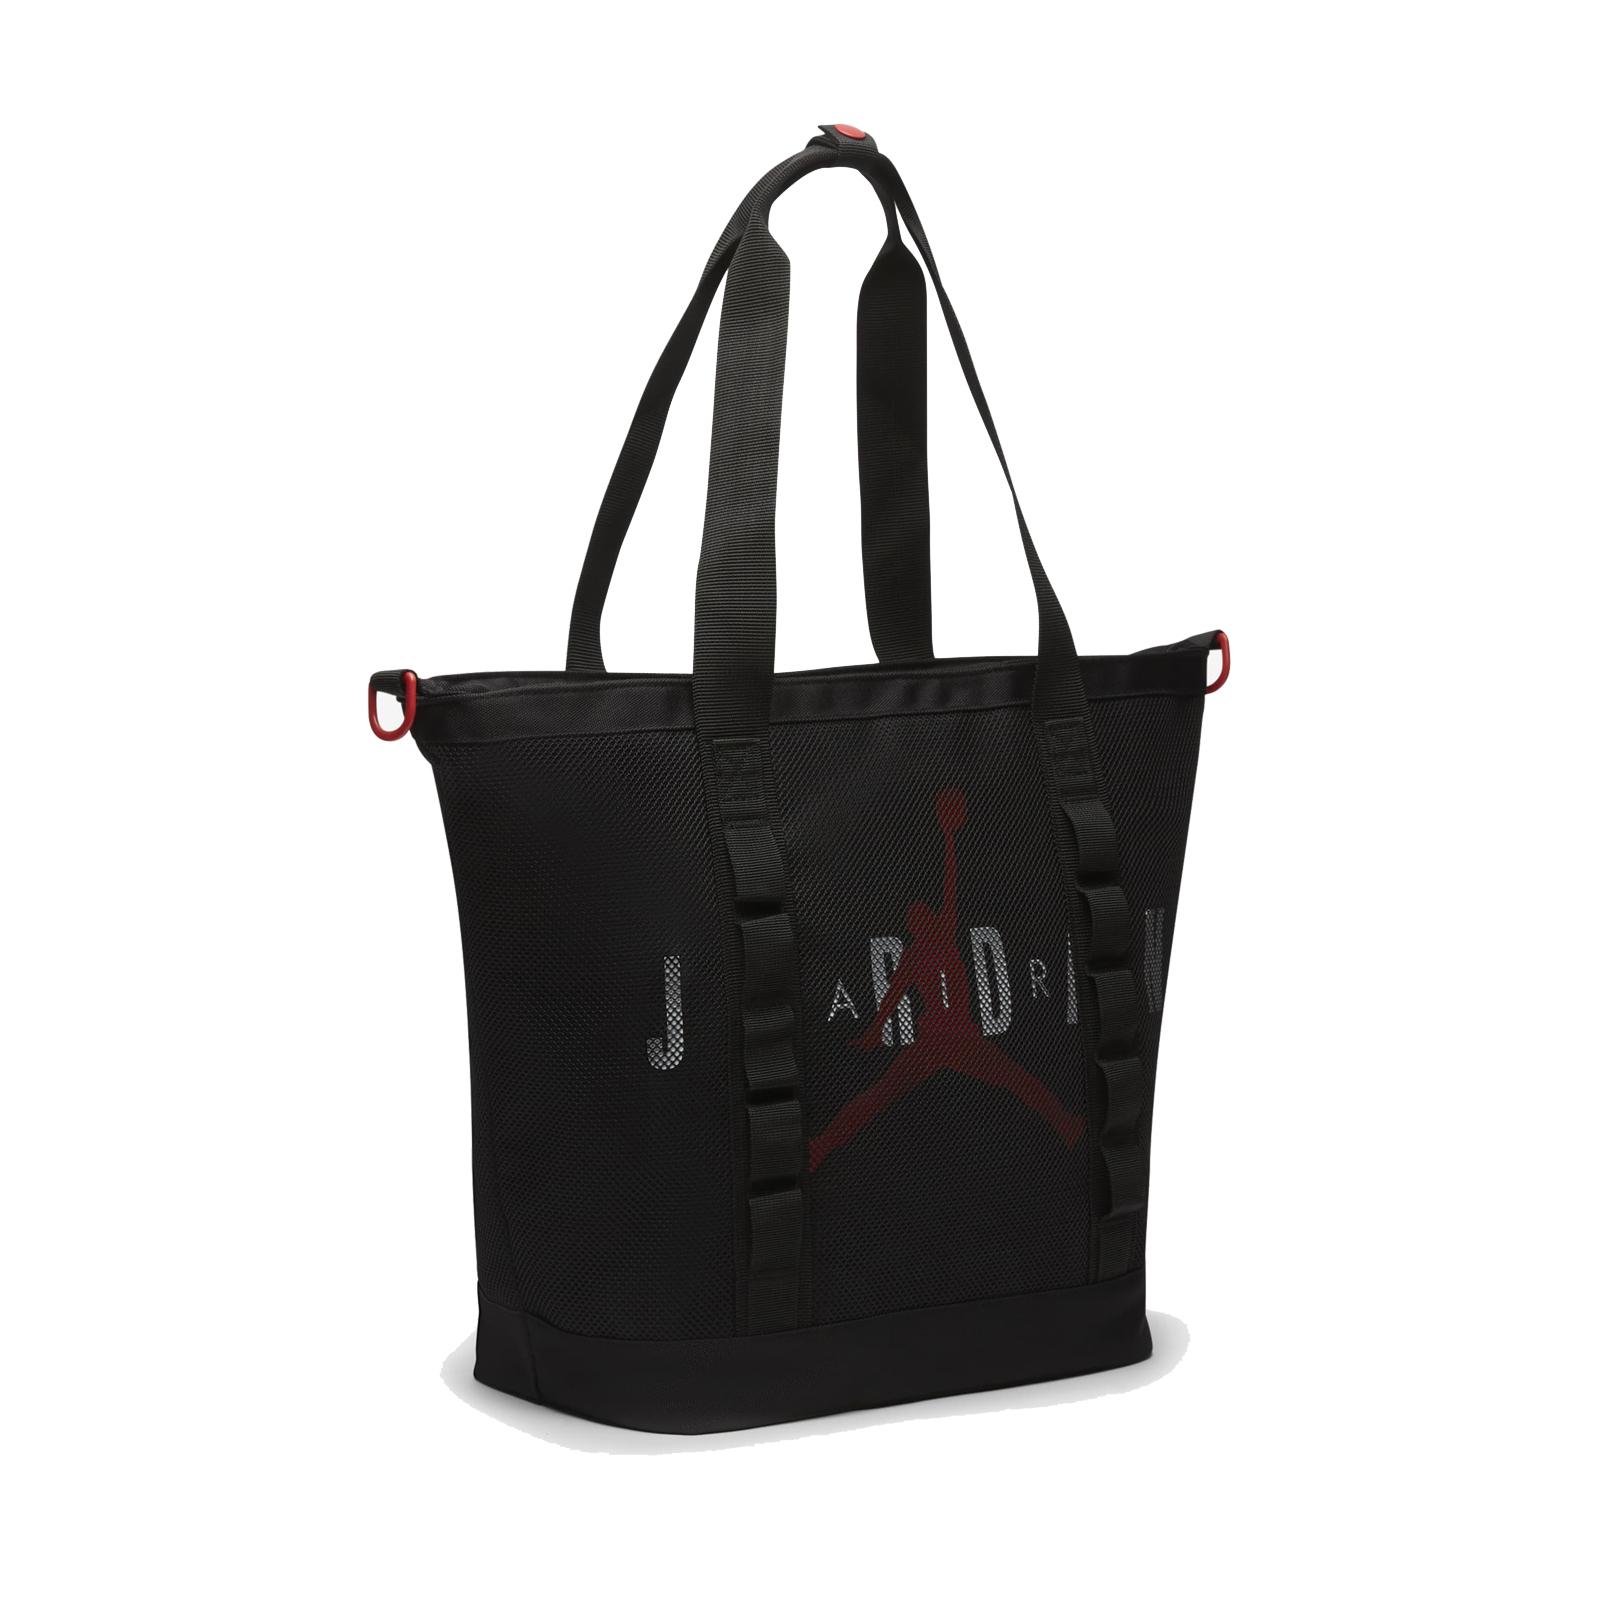 Nike 側背包 Jordan 2 Way Bag 黑 紅 男女款 喬丹 兩用【ACS】 JD2113018AD-001